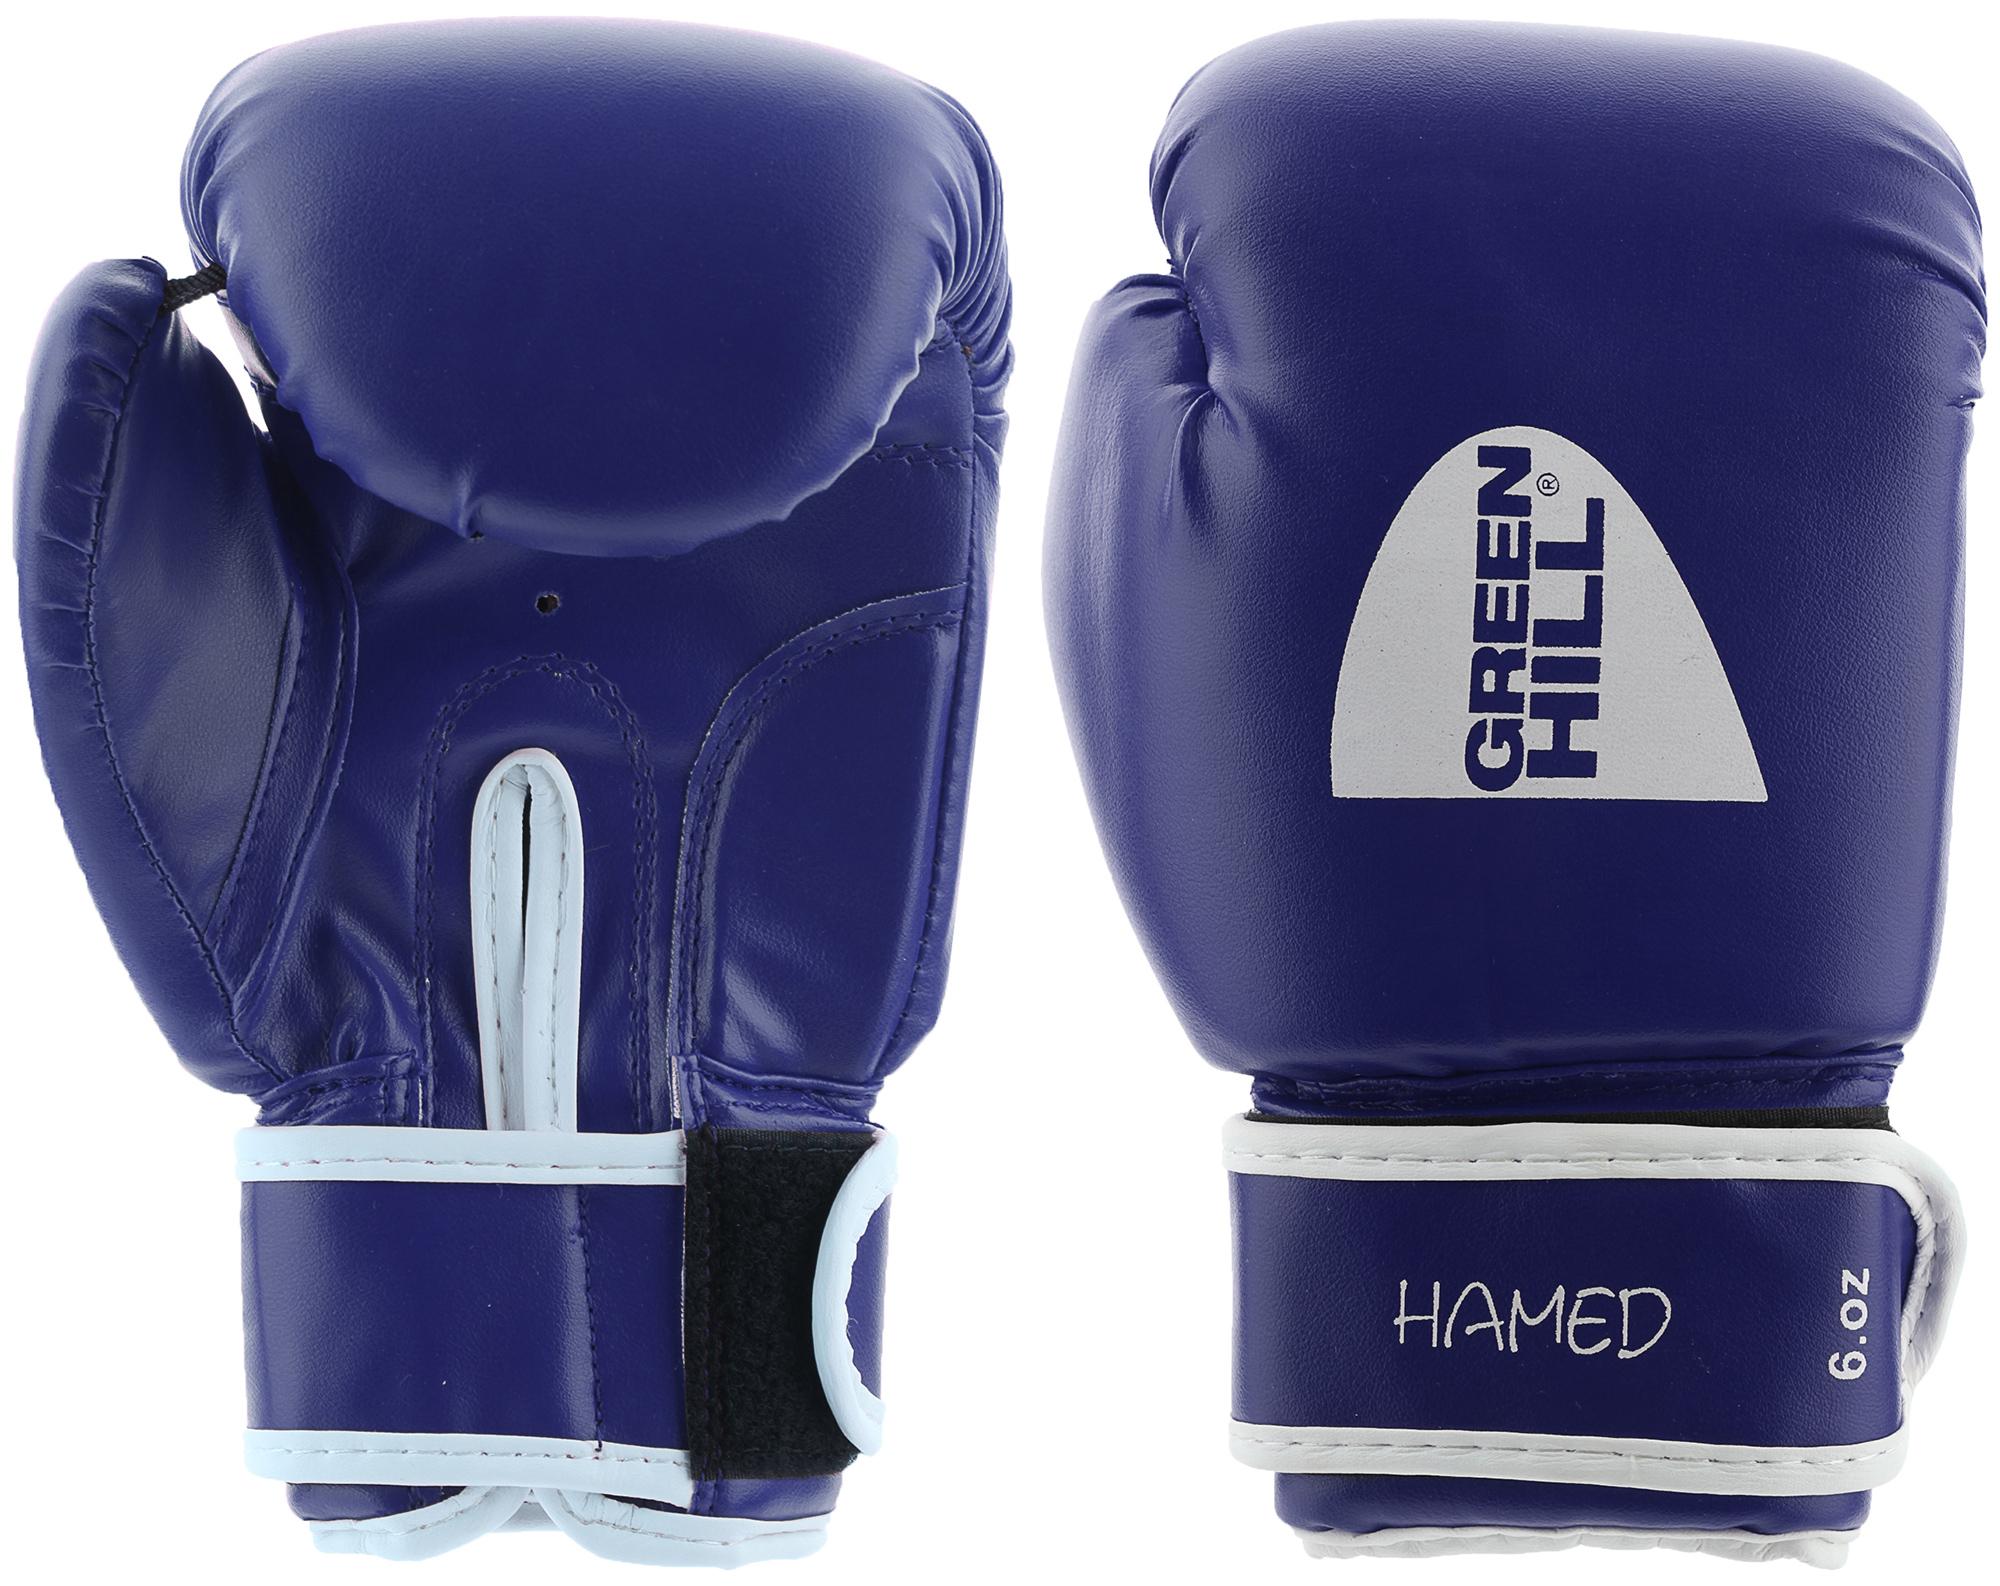 Green Hill Перчатки боксерские детские Green Hill Hamed, размер 6 oz